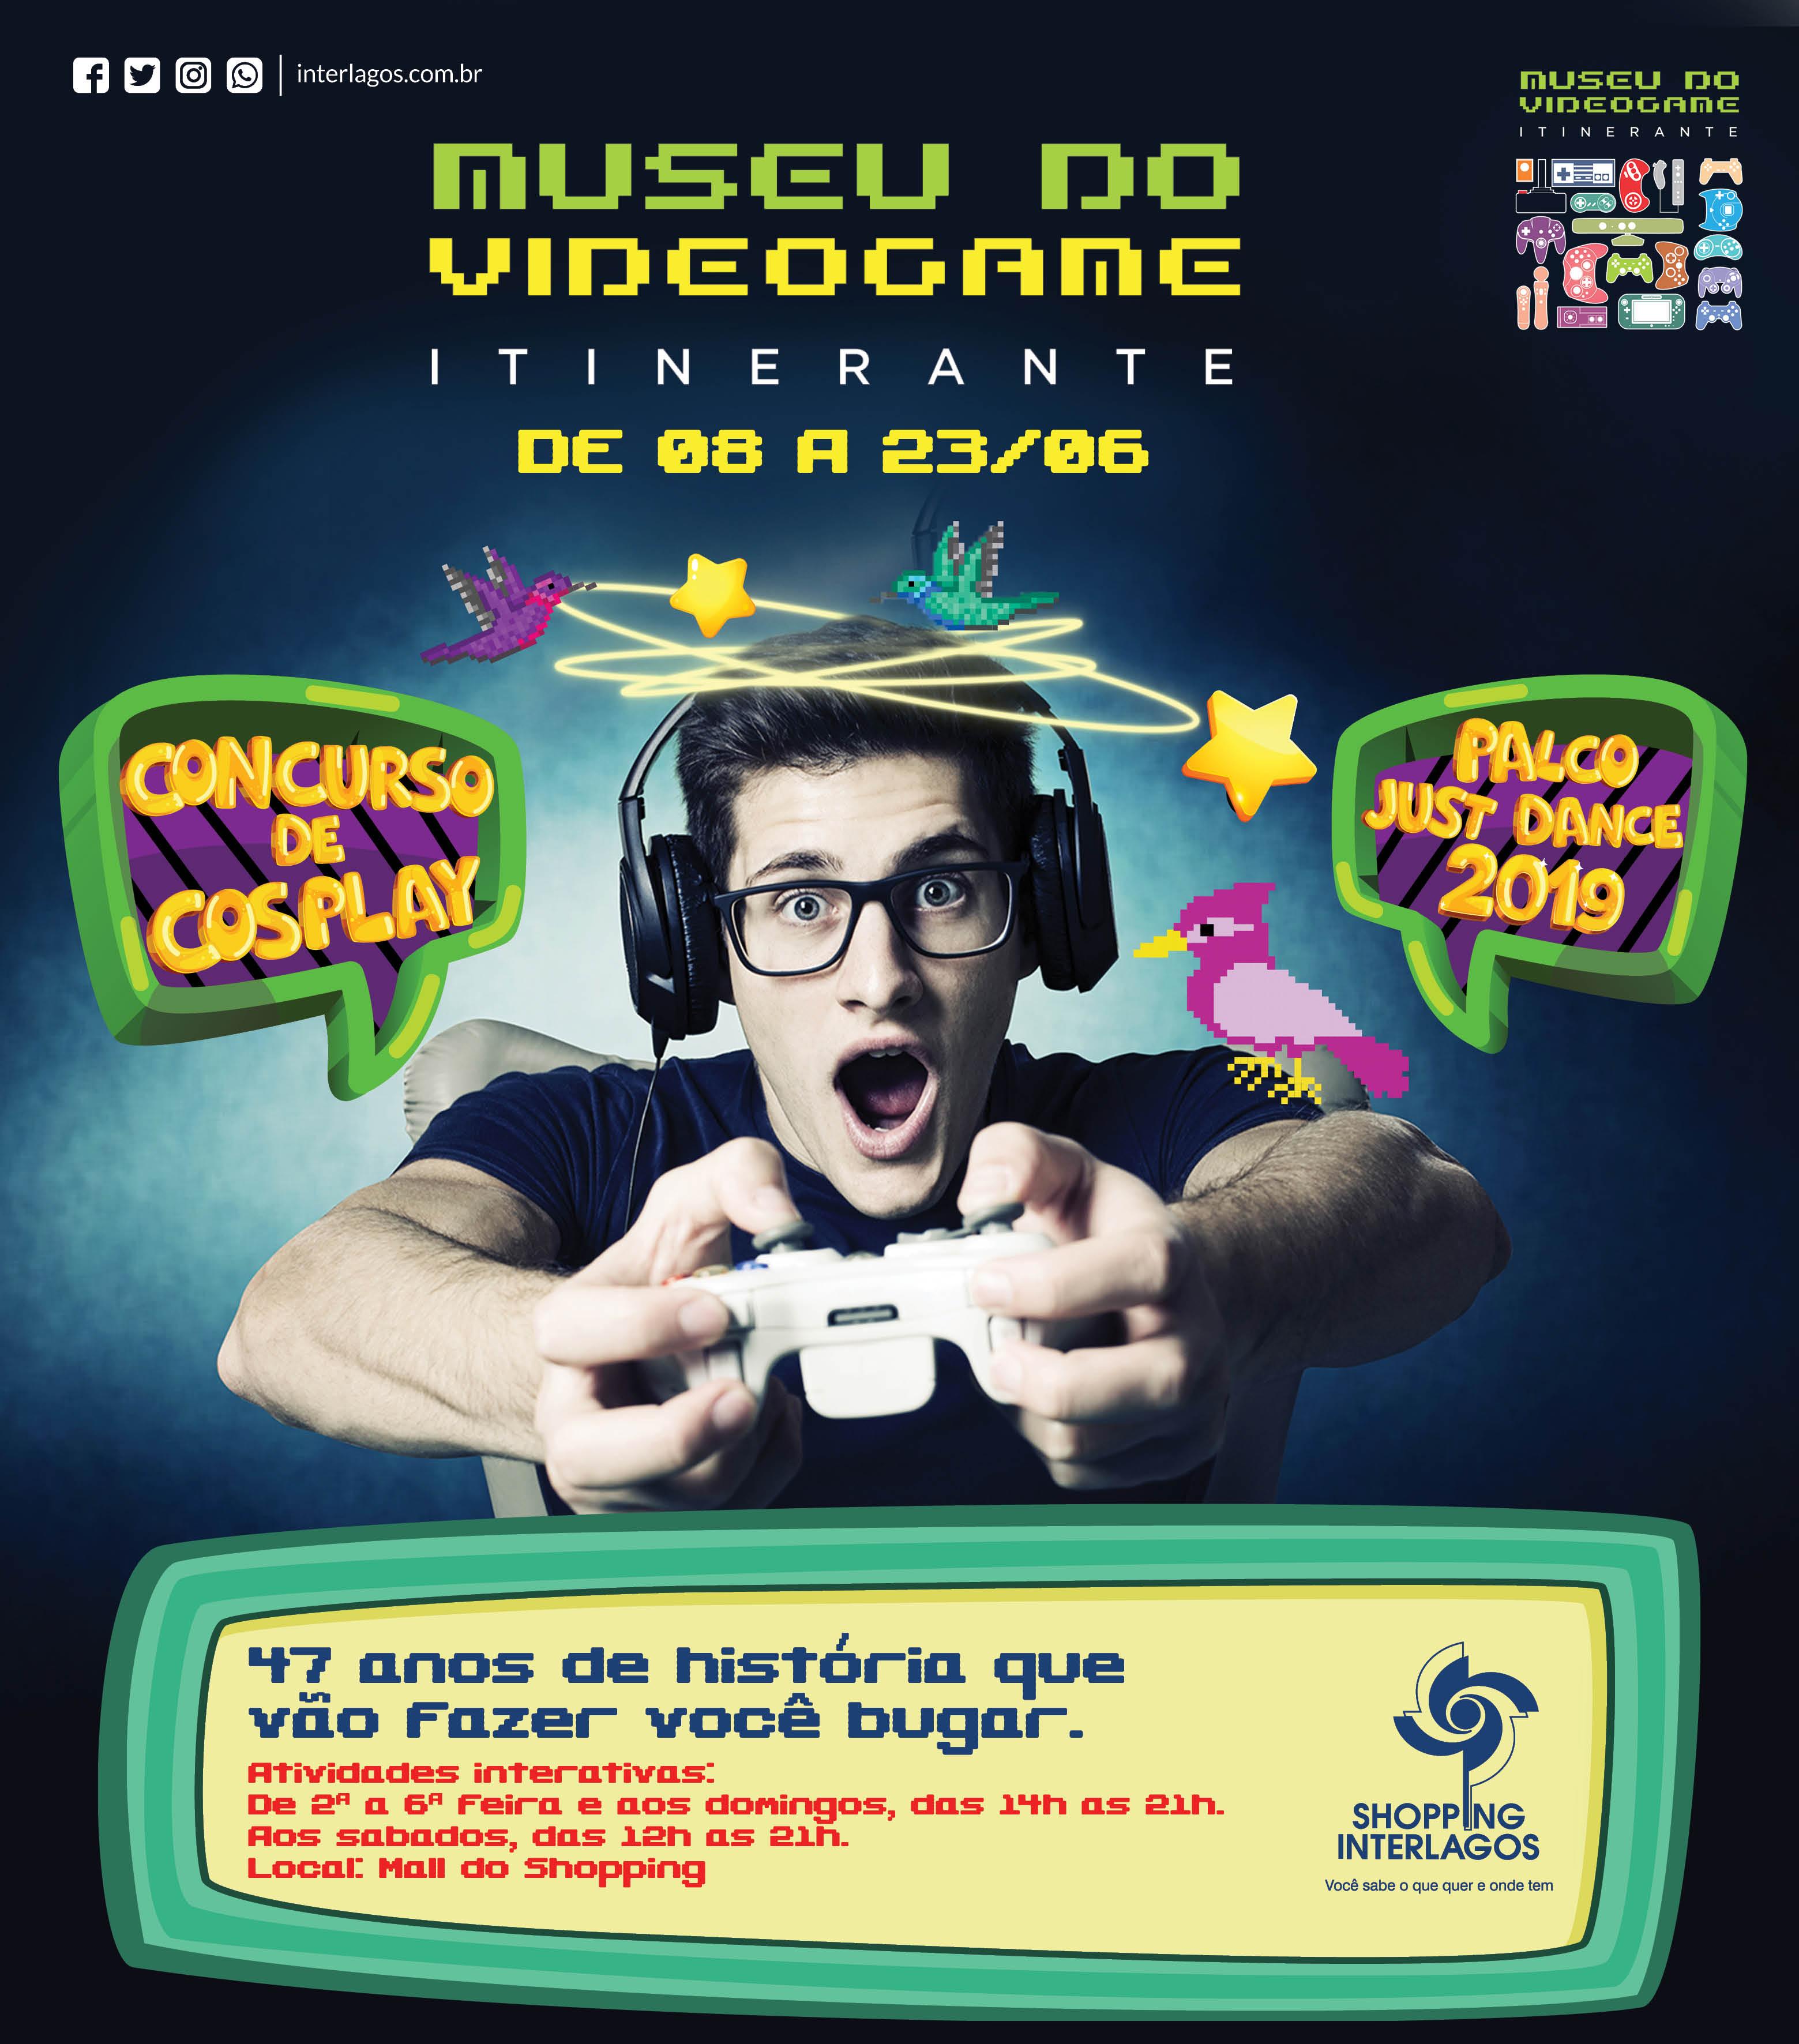 Shopping Interlagos recebe o Museu do Videogame Itinerante, com mais de 300 consoles diferentes